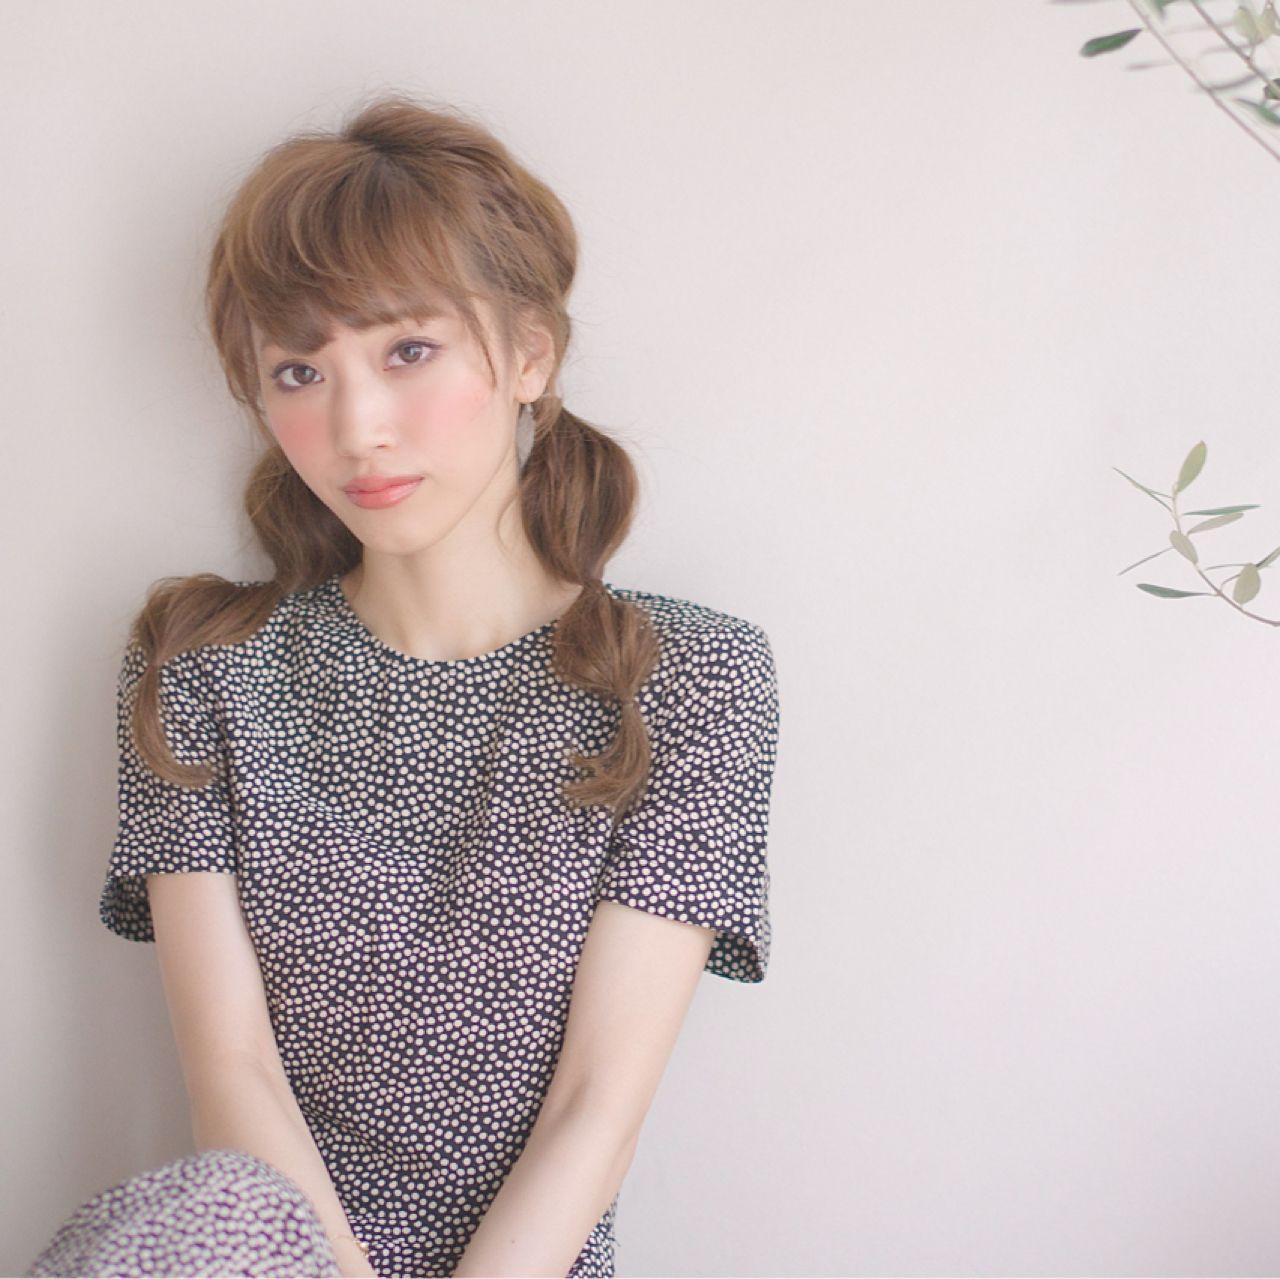 モテ髪 大人かわいい ツインテール 春 ヘアスタイルや髪型の写真・画像